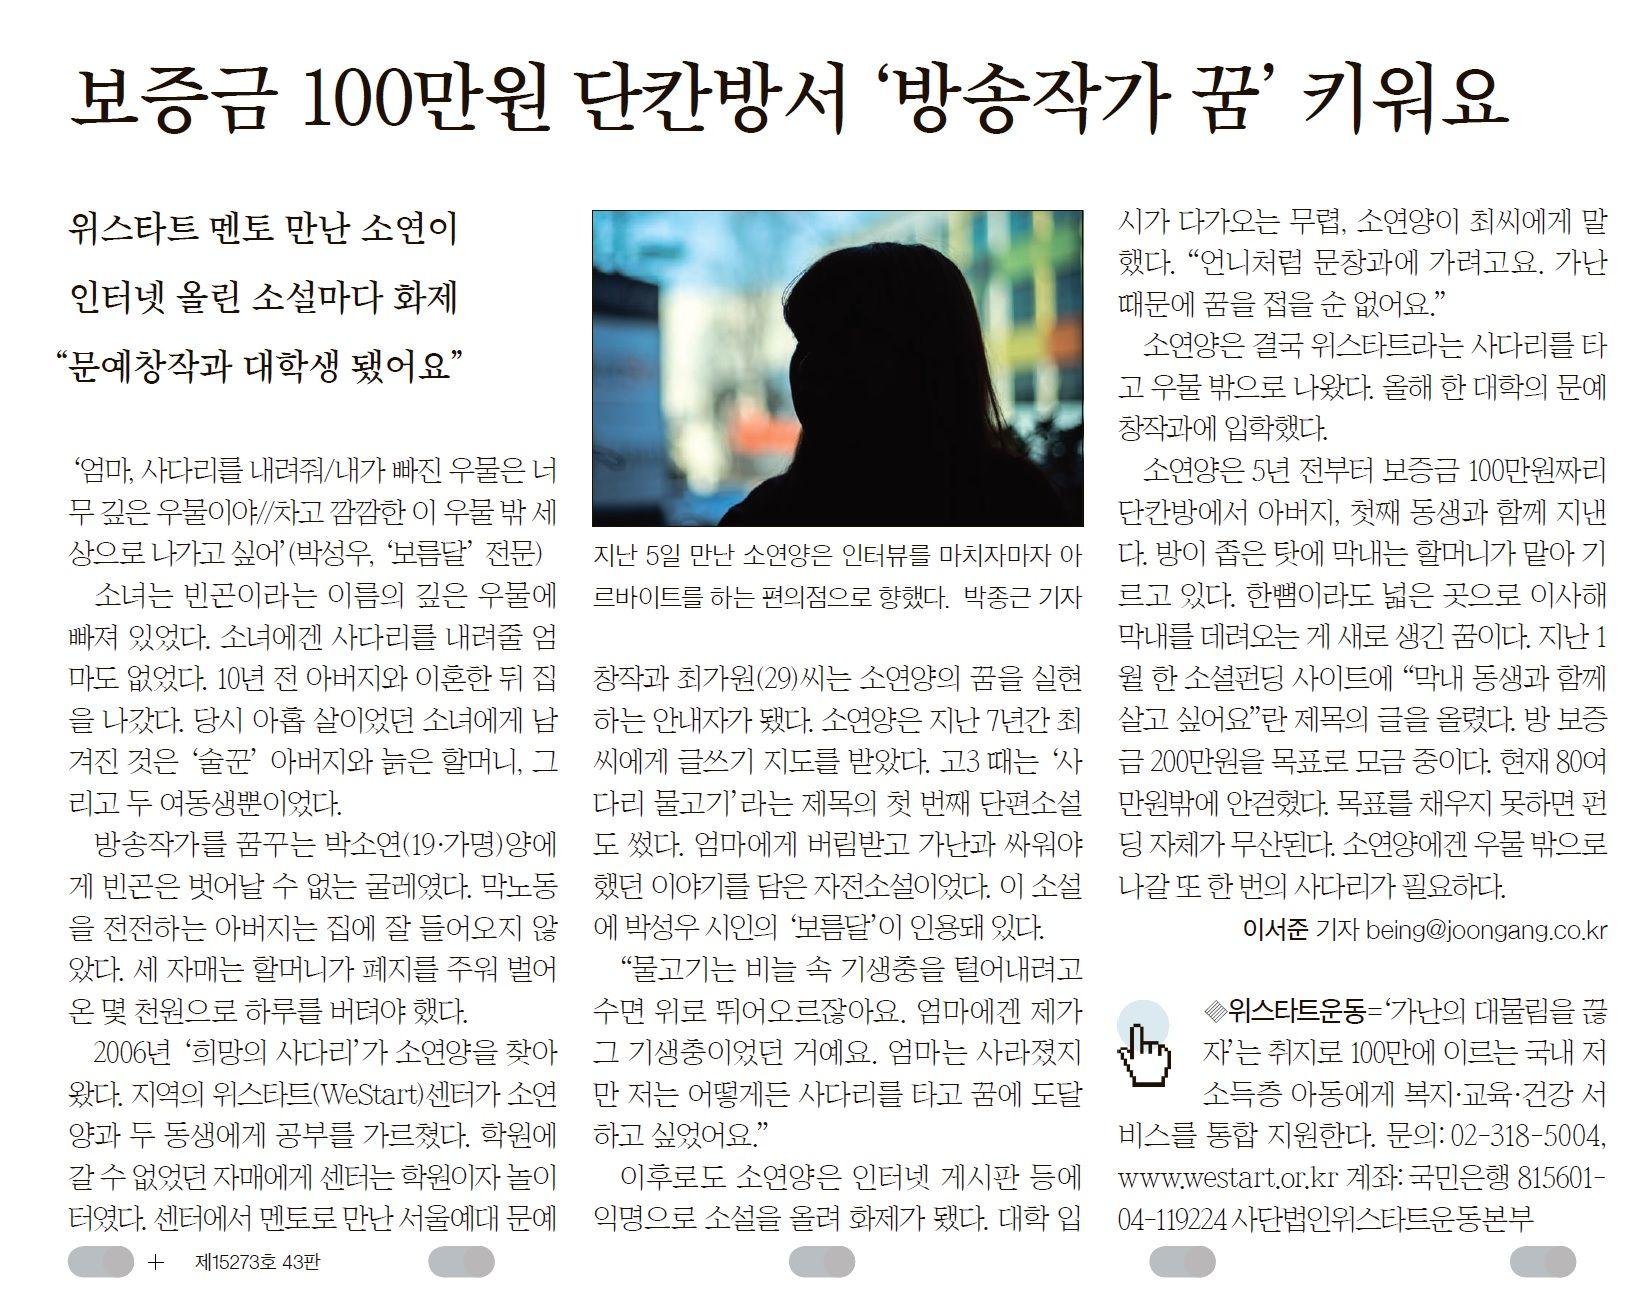 2014년 03월 07일 보증금 100만원 단칸방서 '방송작가 꿈' 키워요